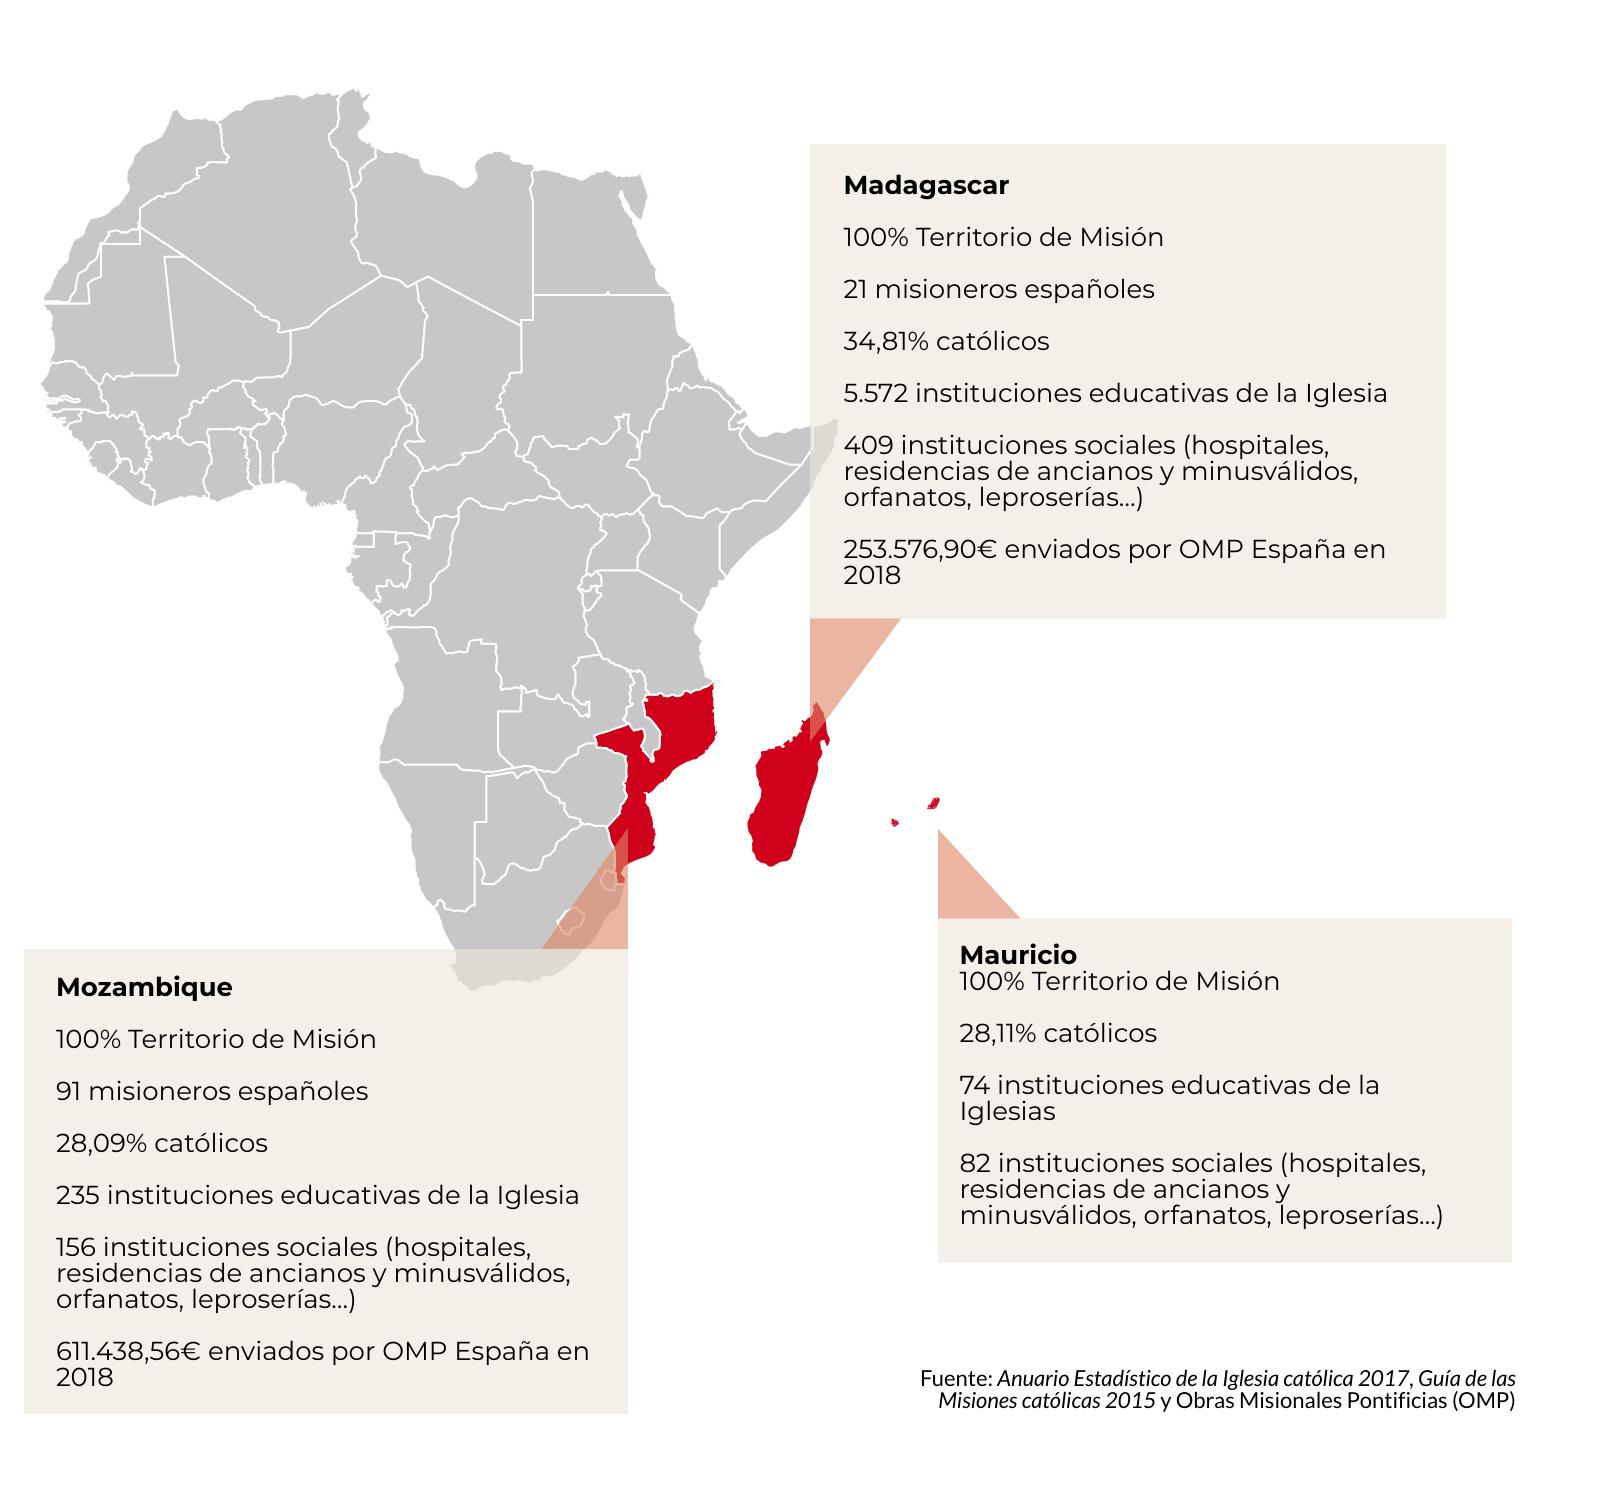 Misión en Madagascar, Mozambique y Muricio